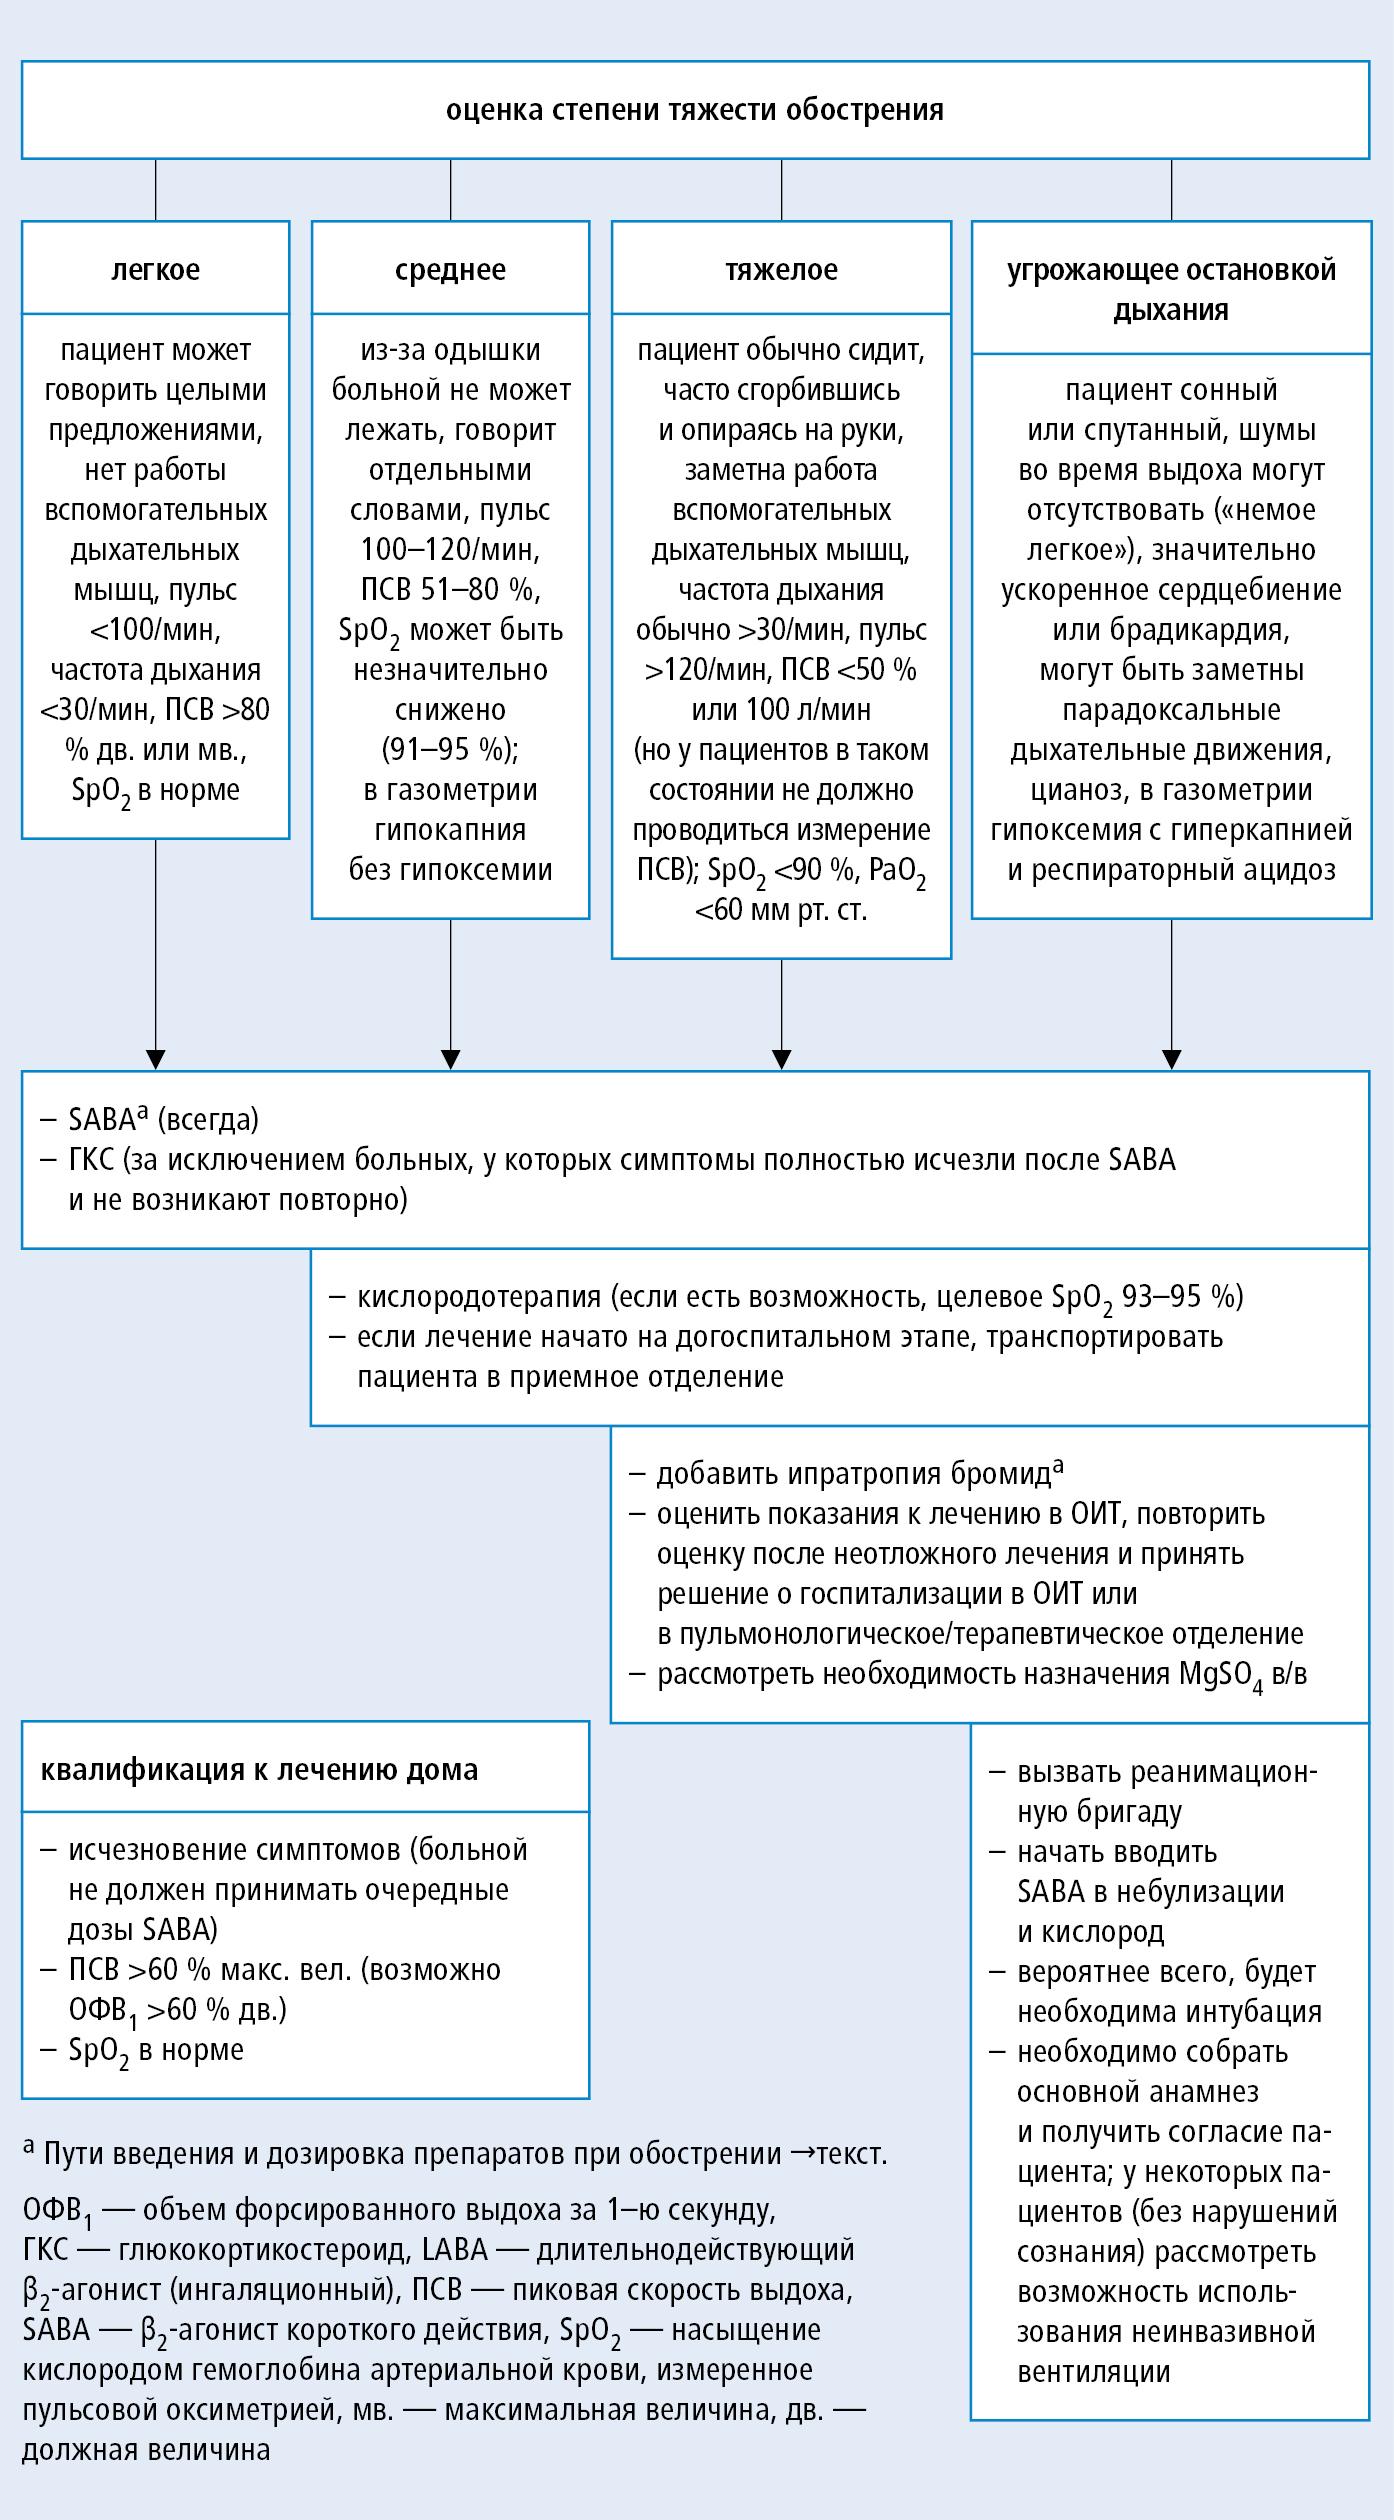 Причины, симптомы и первая помощь при приступе сердечной астмы